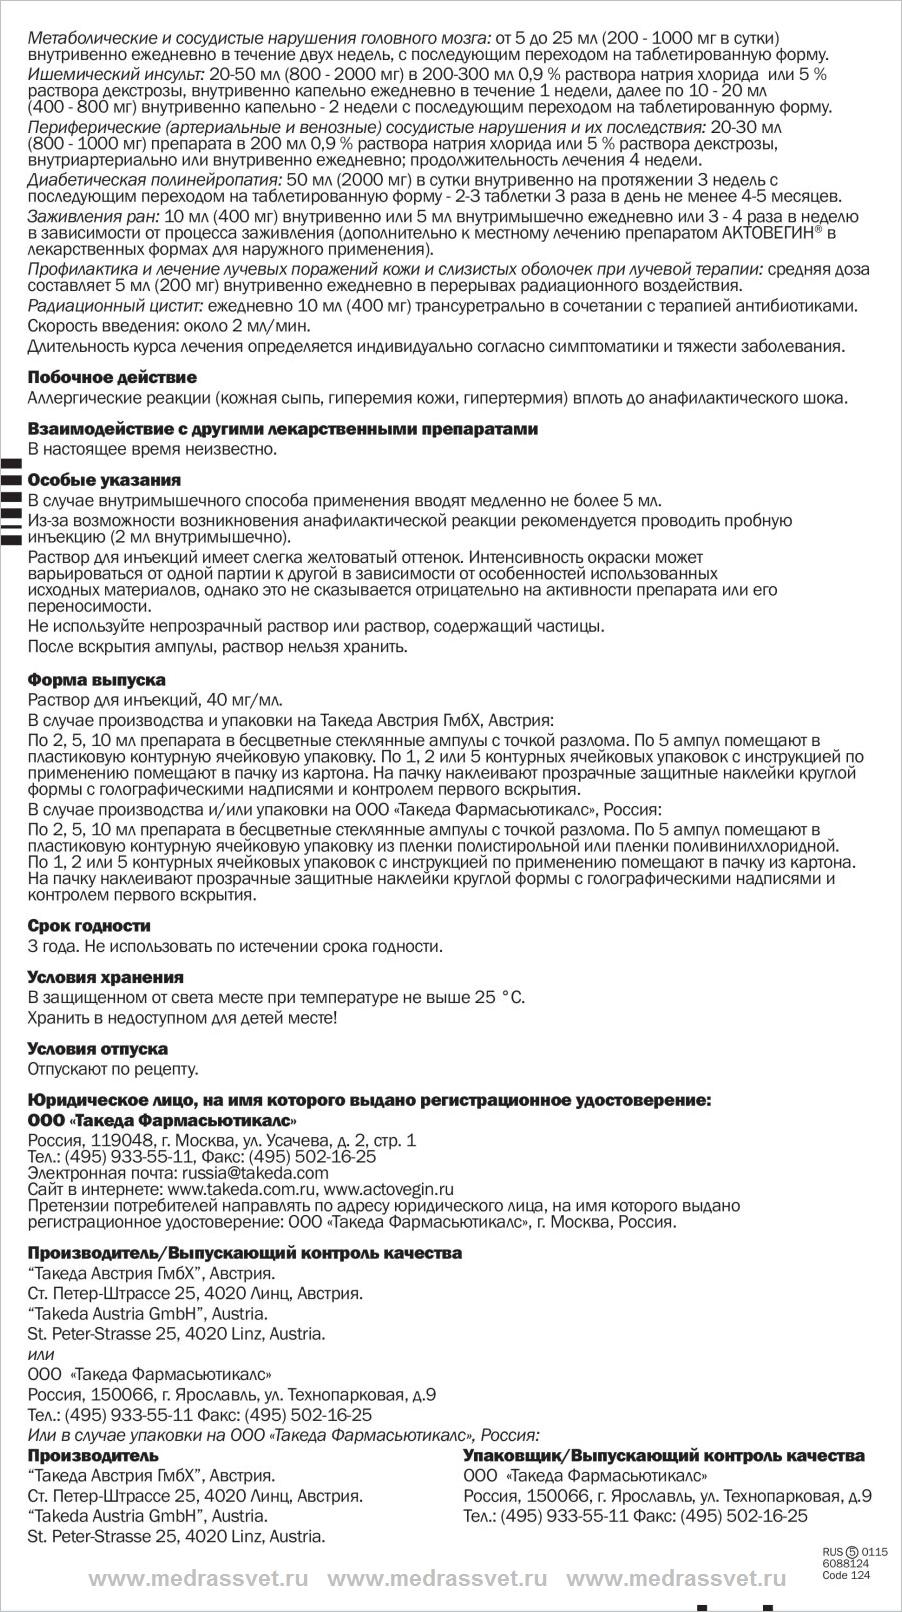 Инструкция по применению Актовегин уколы 2 стр.